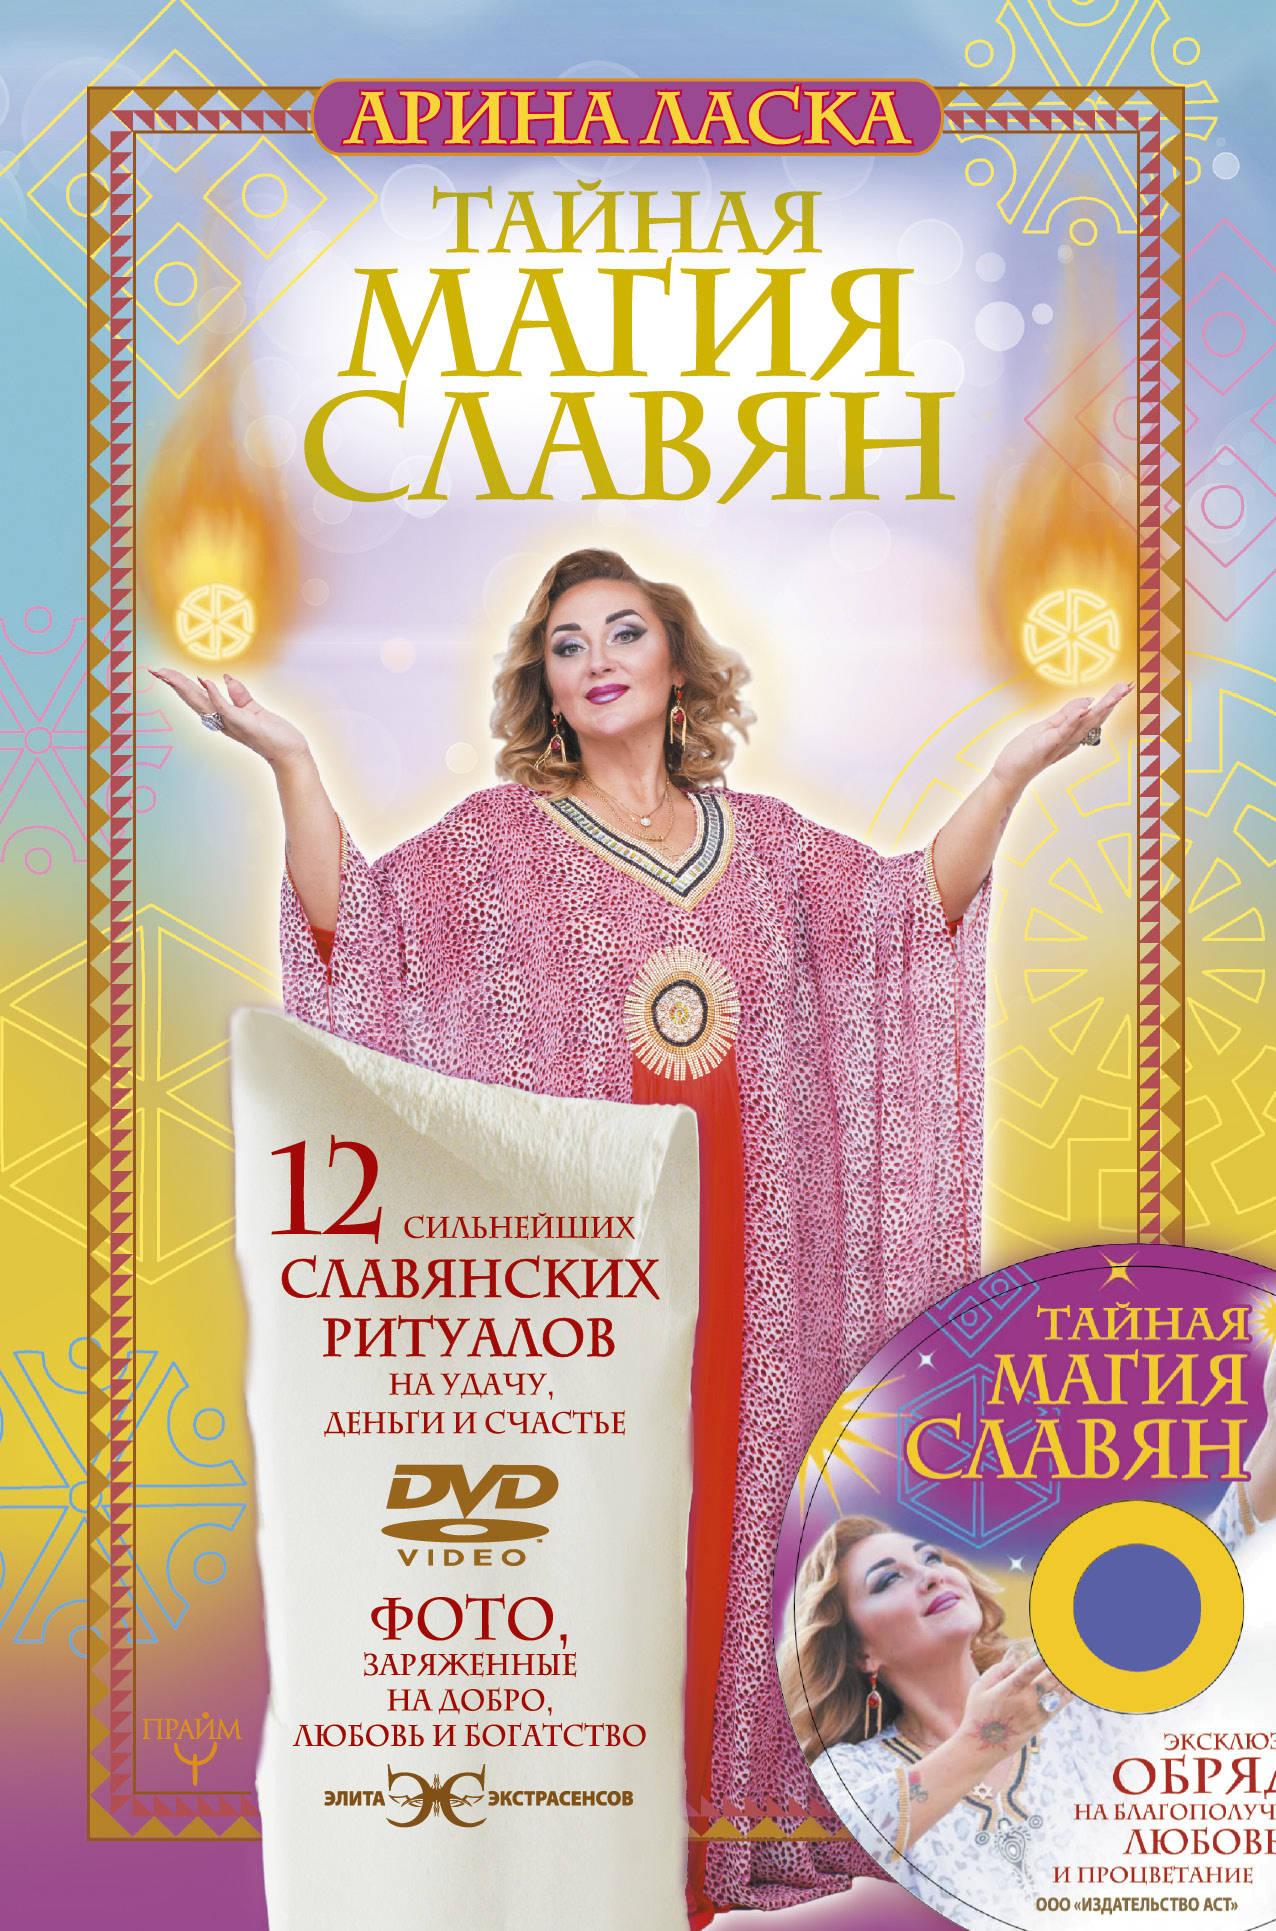 Тайная магия славян. 12 сильнейших славянских ритуалов на удачу, деньги и счастье. DVD video от book24.ru